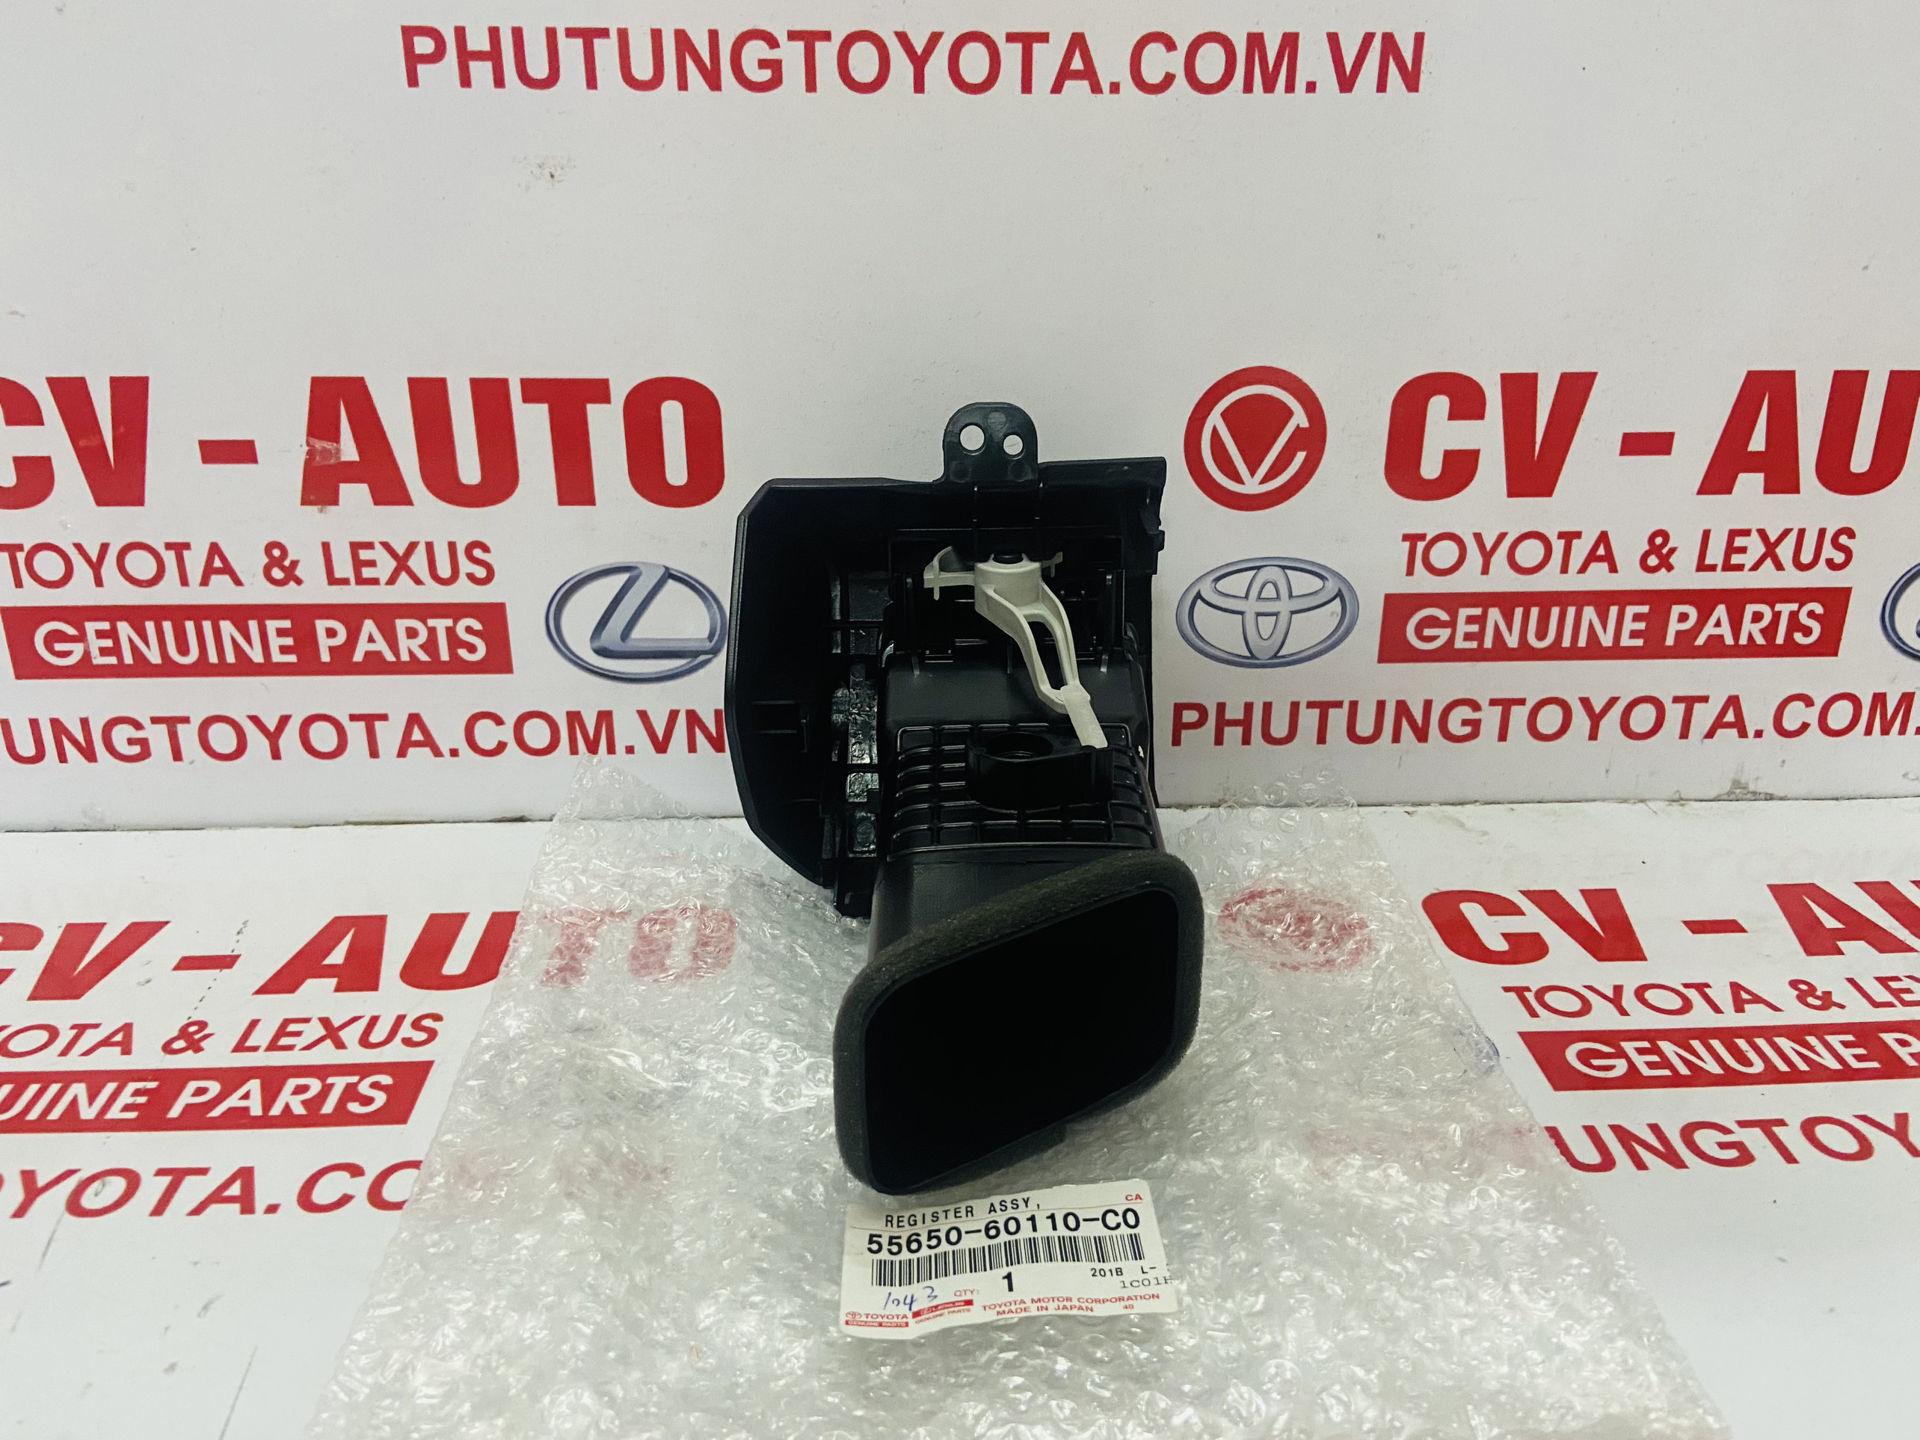 Picture of 5565060110C0 55650-60110-C0, 5566060150C0 55660-60150-C0  Cửa gió điều hòa Lexus GX470 Toyota Prado chính hãng